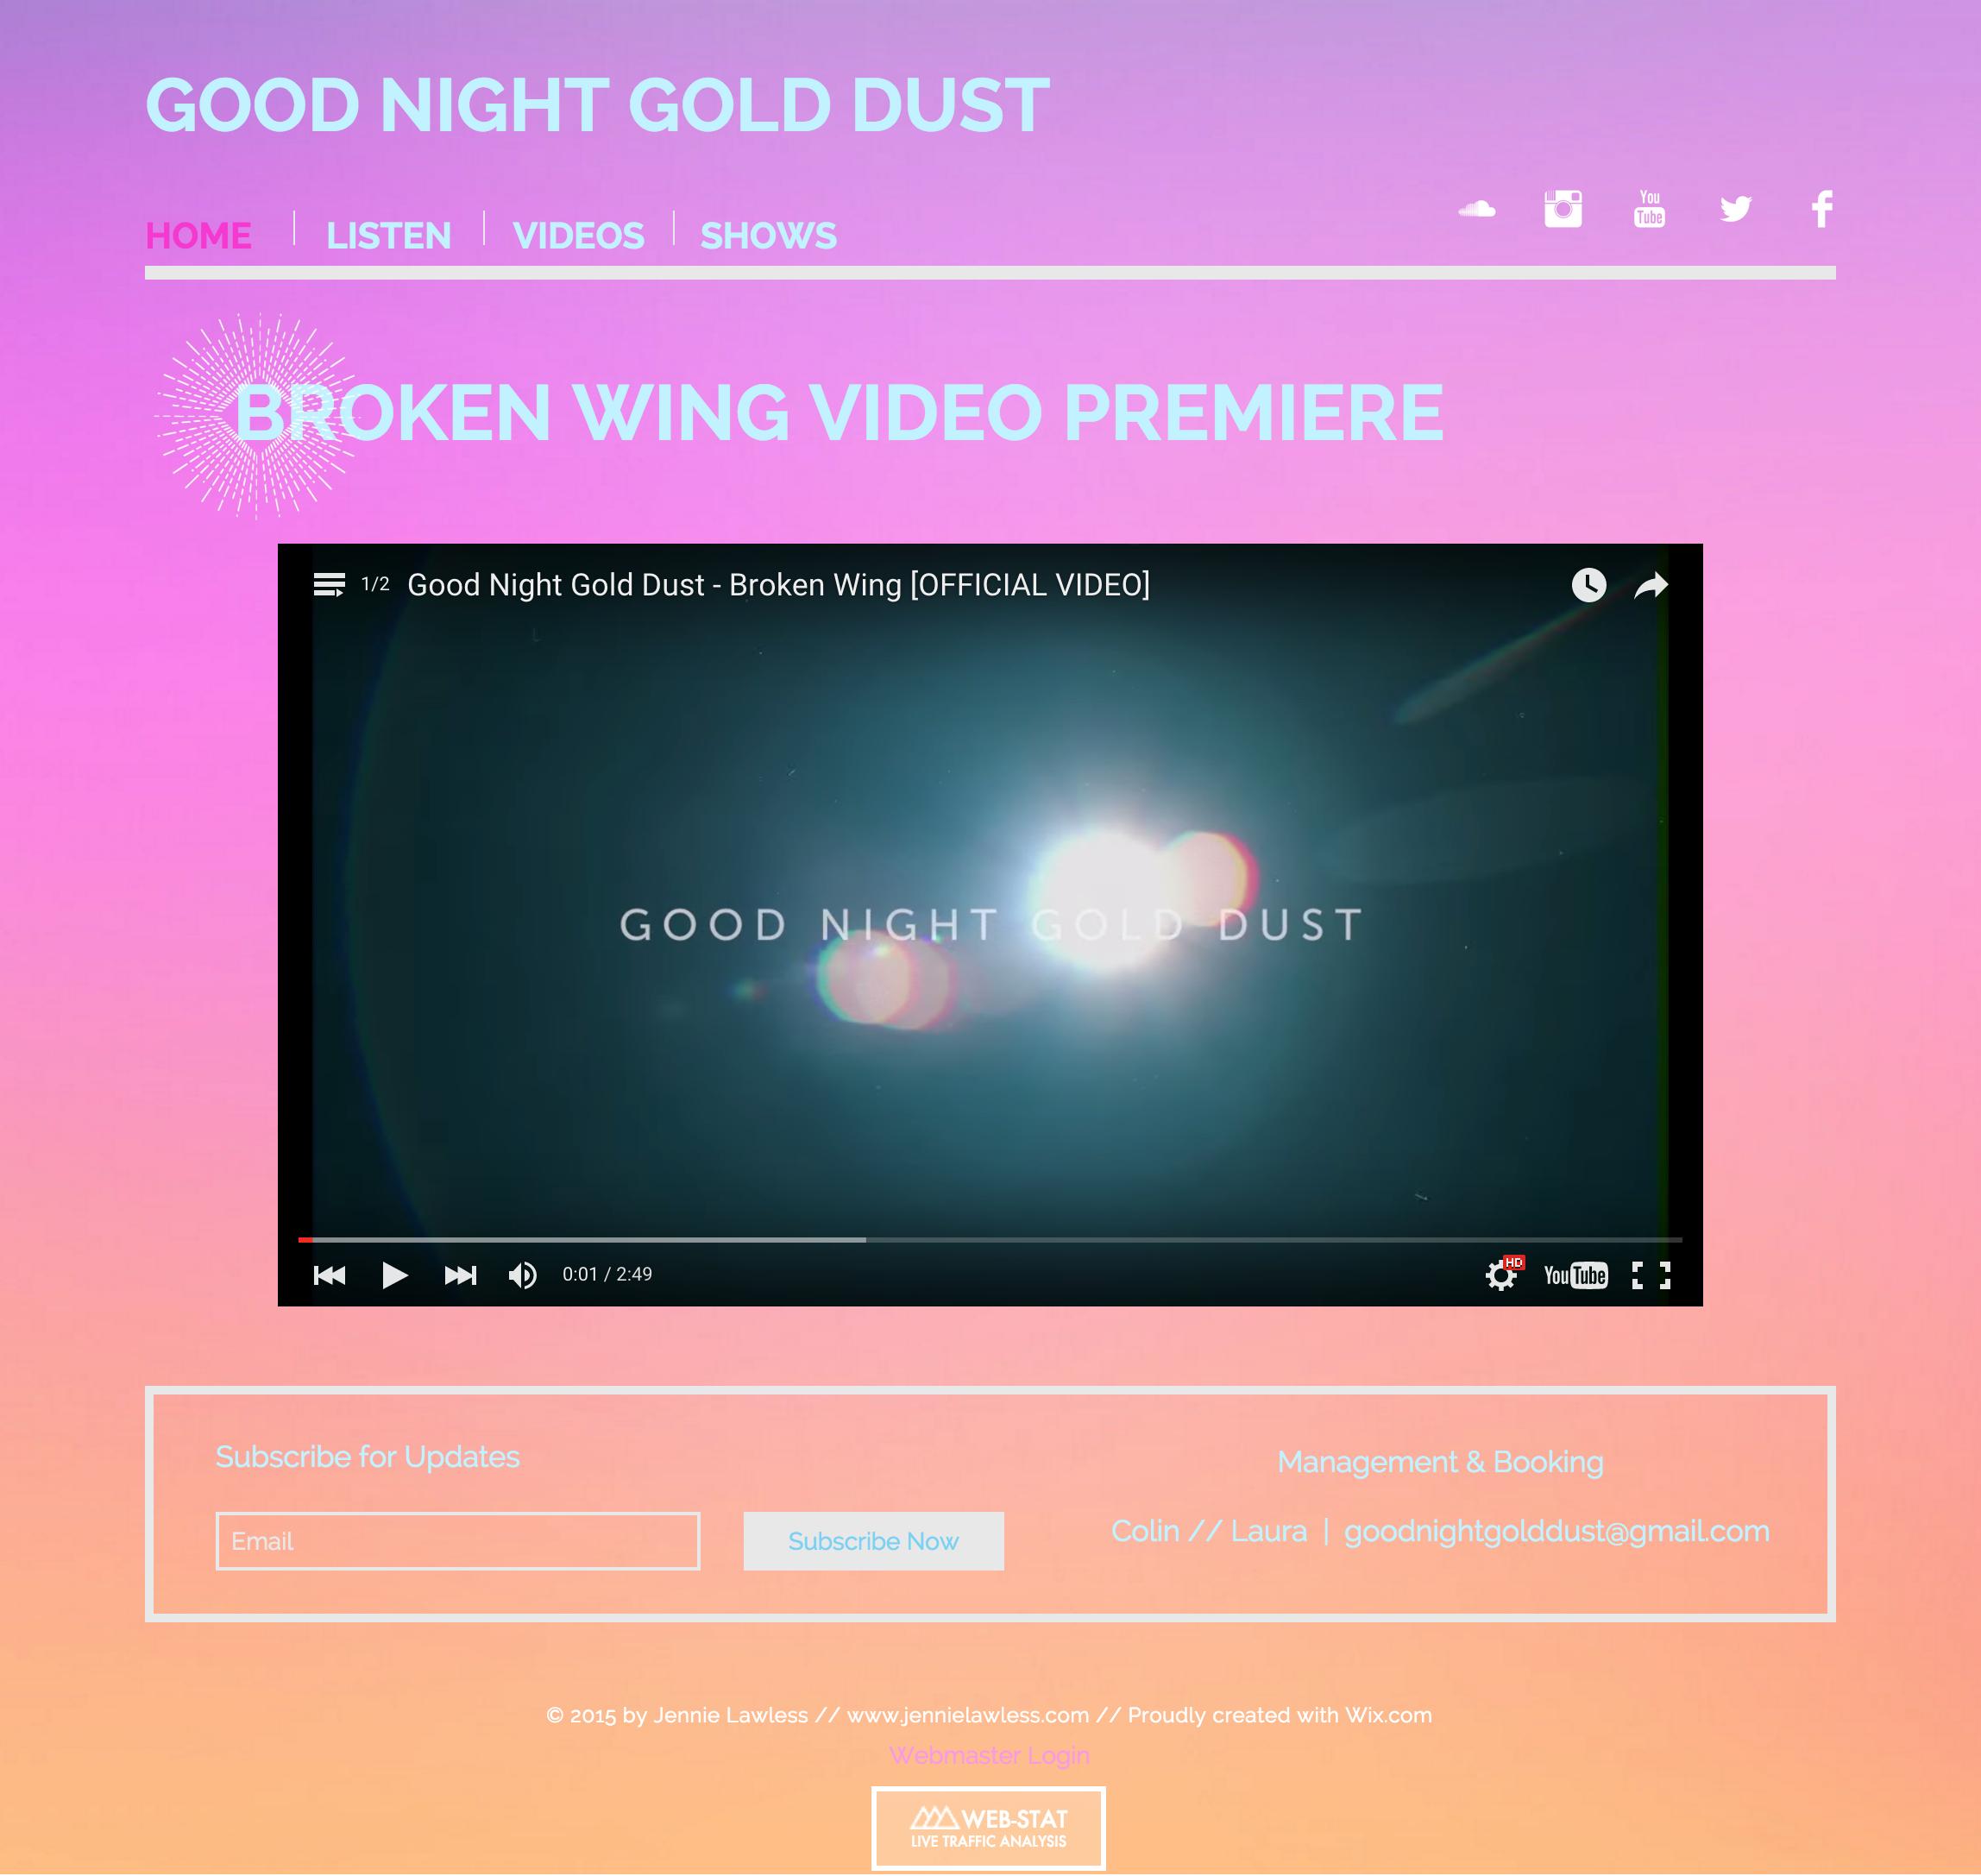 www.GoodNightGoldDust.com